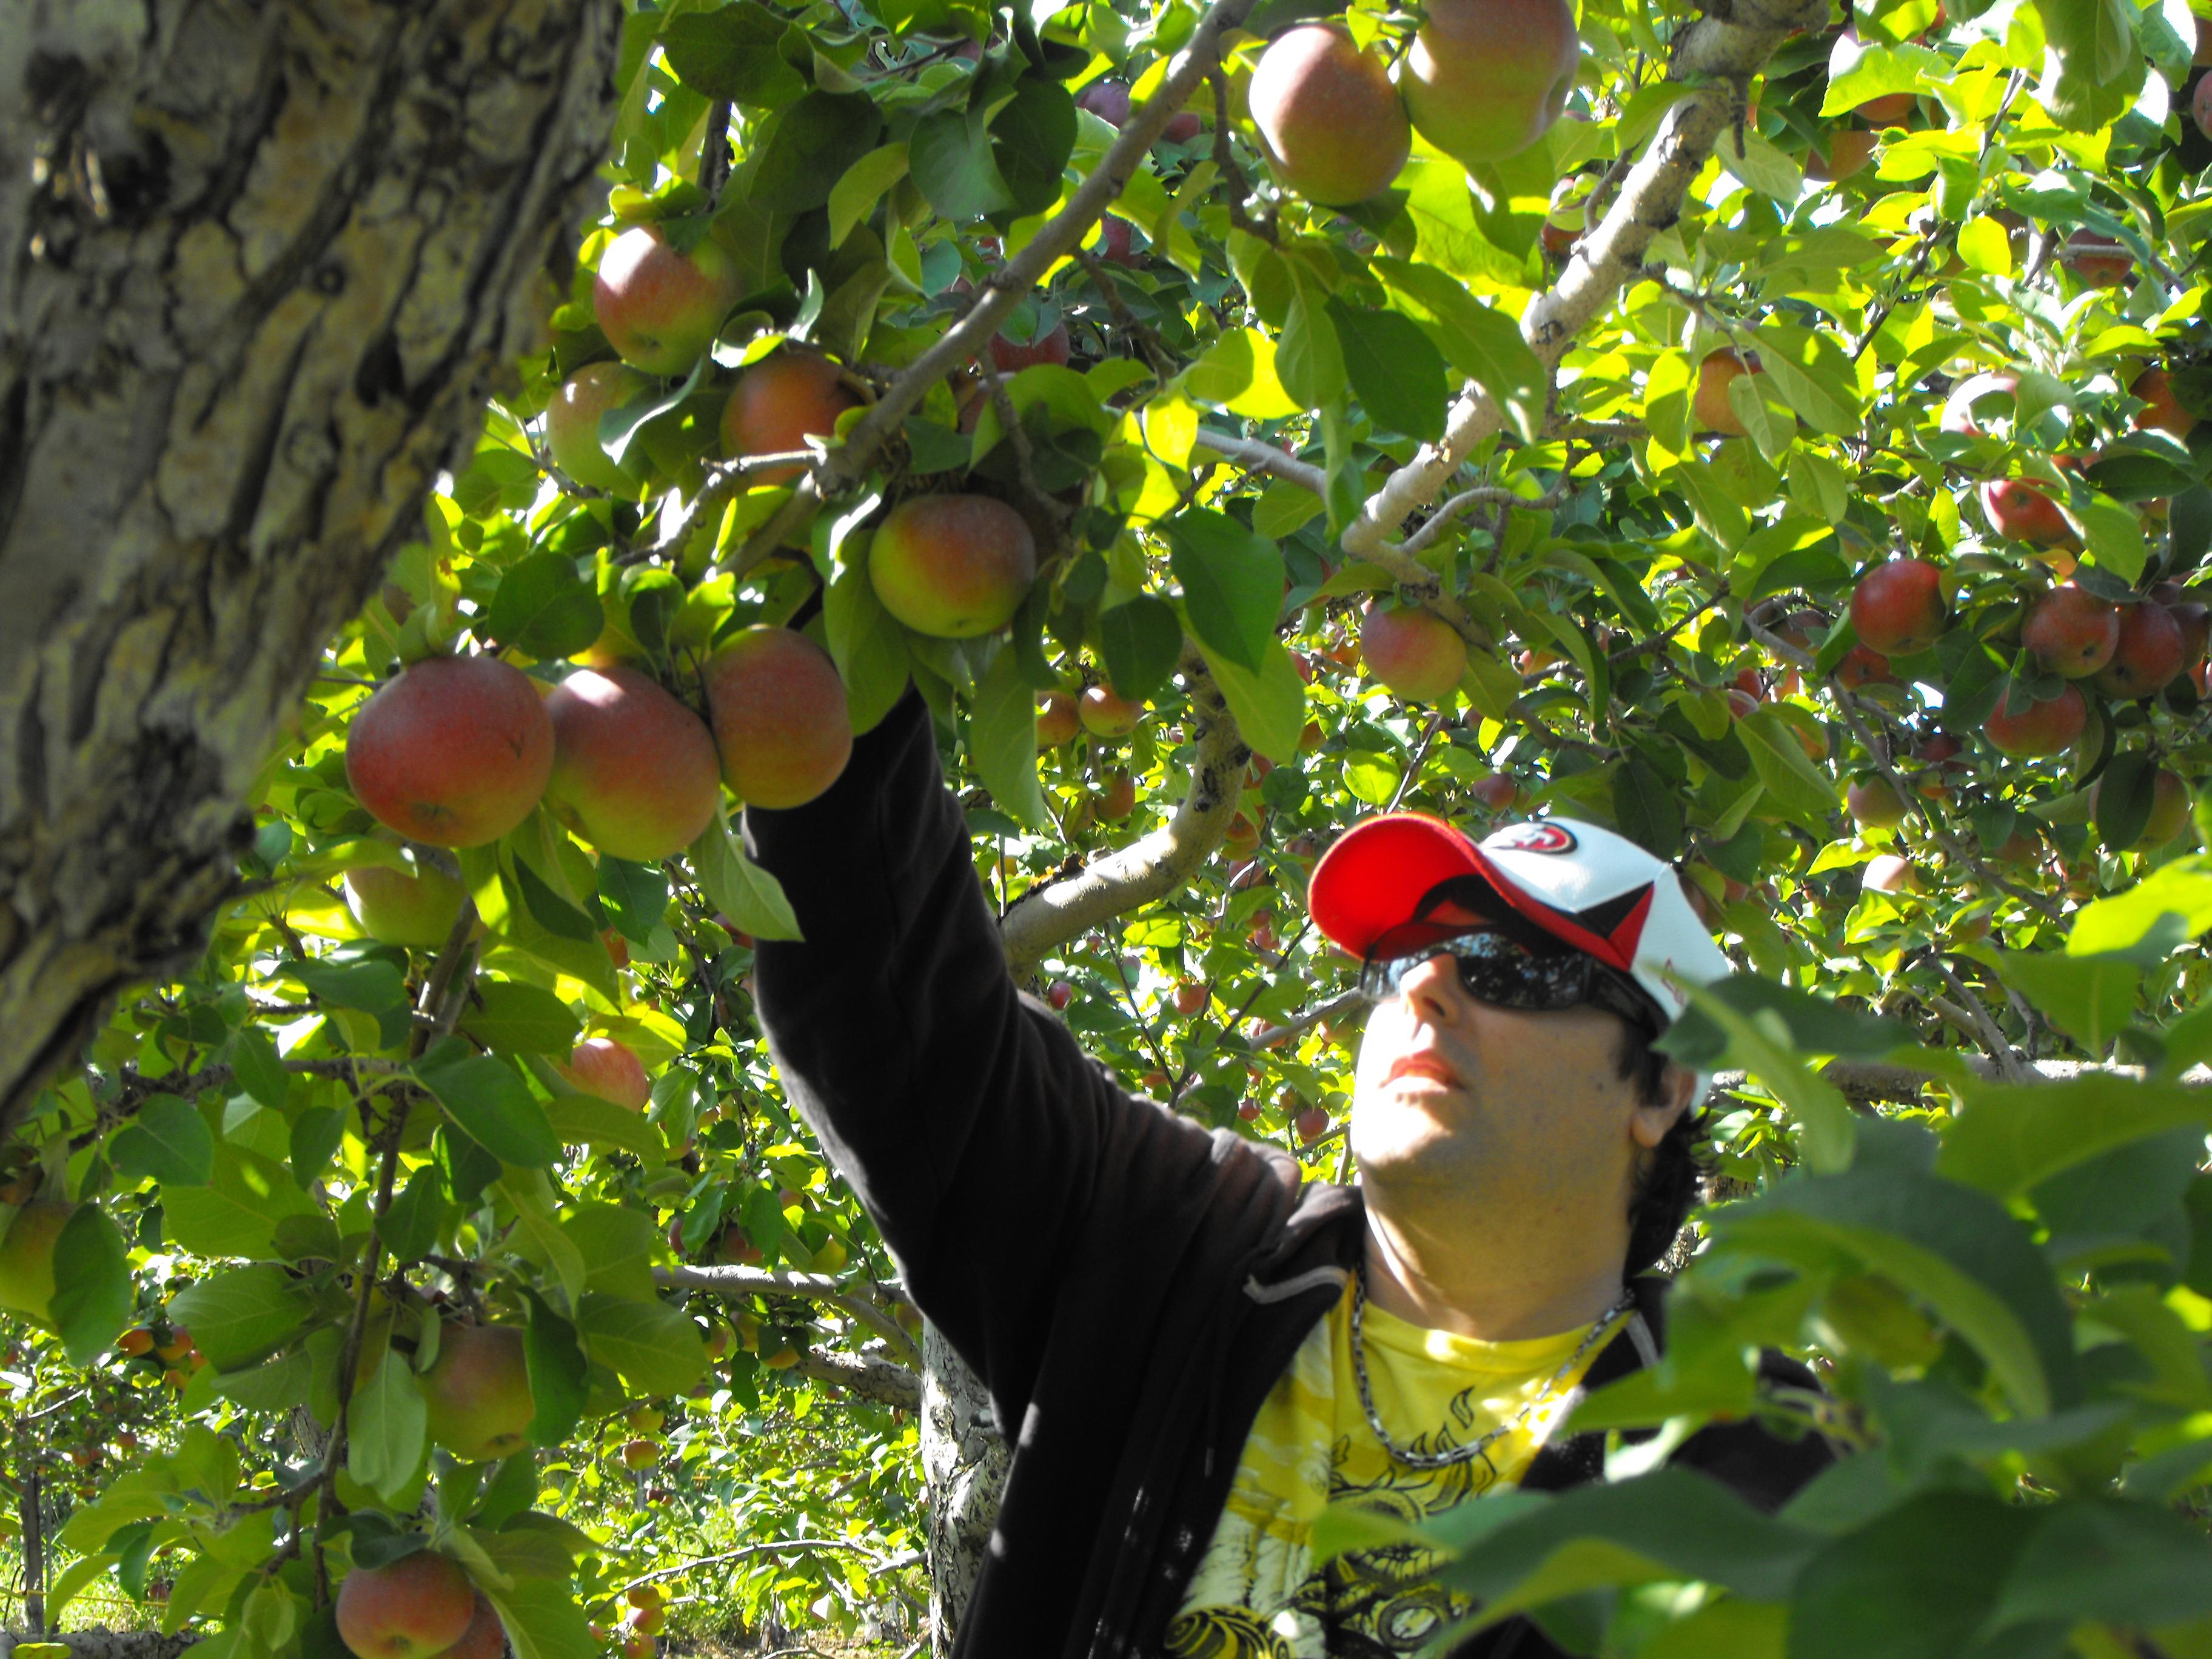 vacances et pommes 2013 215